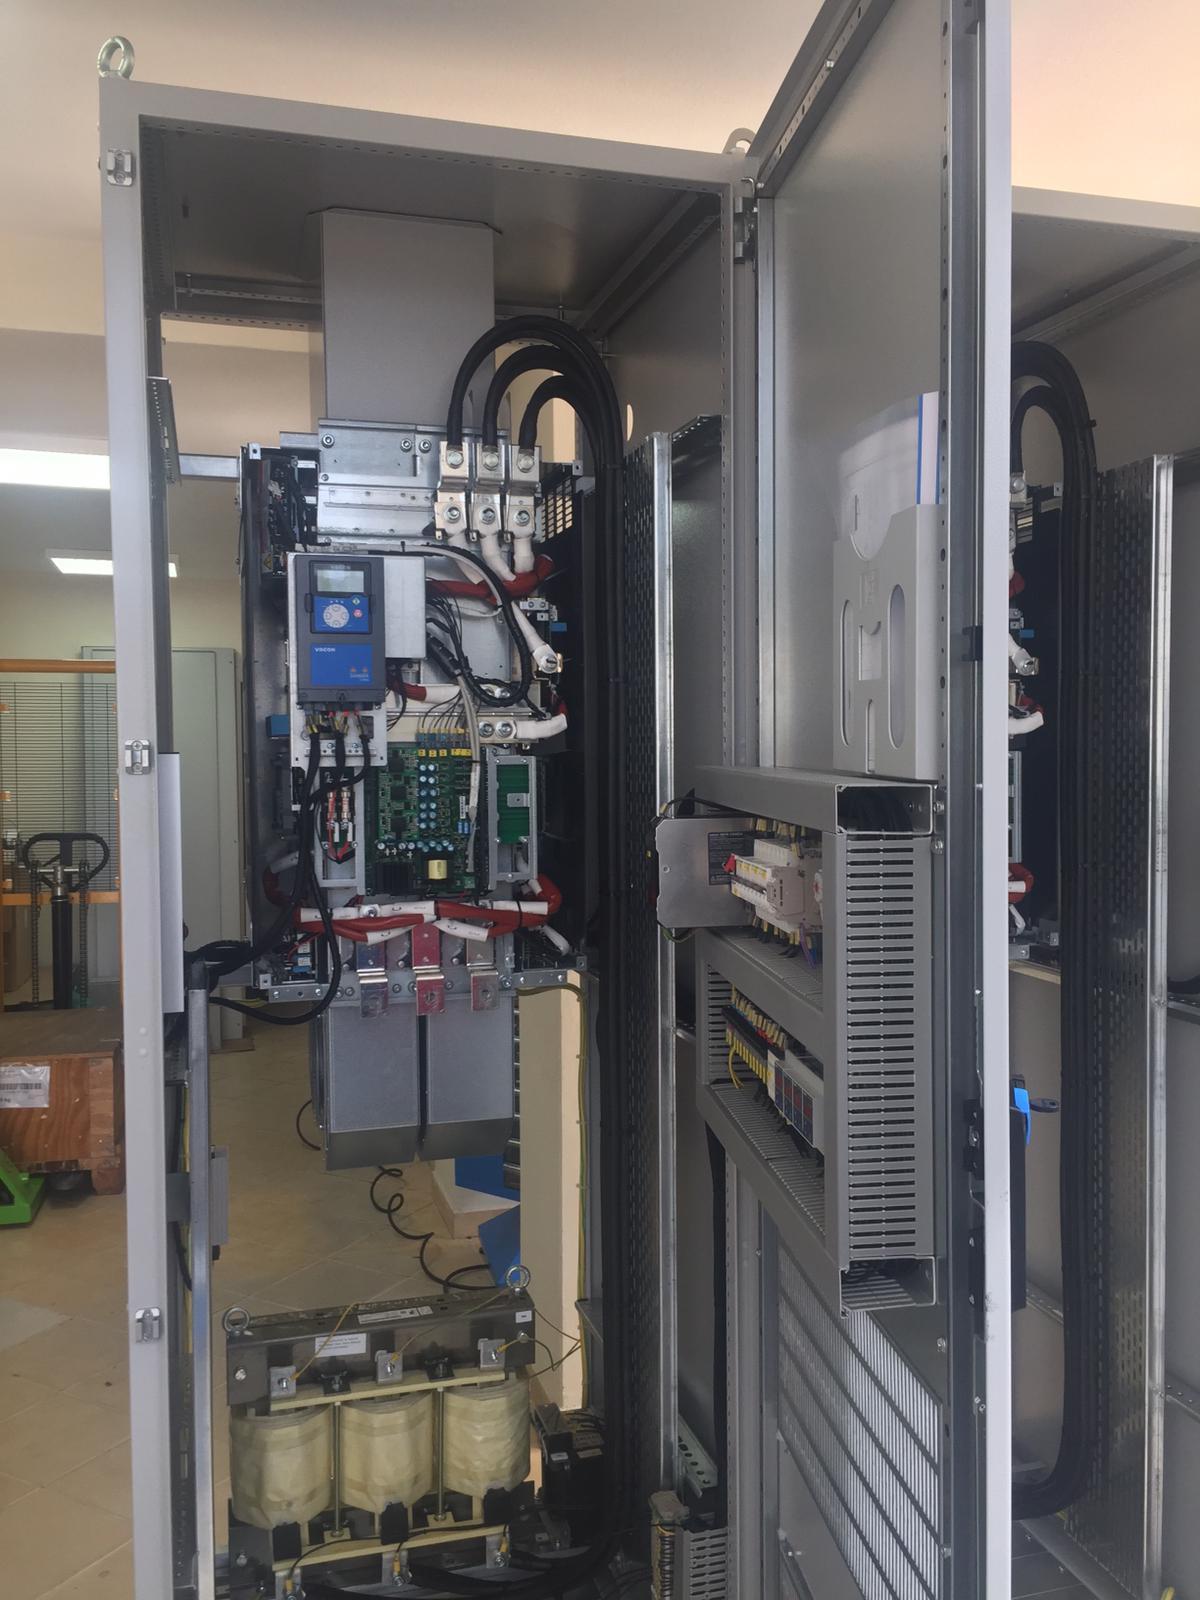 Savior Otomasyon, Bulutlu Marine için hazırladığı 400kW Gücündeki Bow Thruster Uygulaması'nı Devreye Aldı.